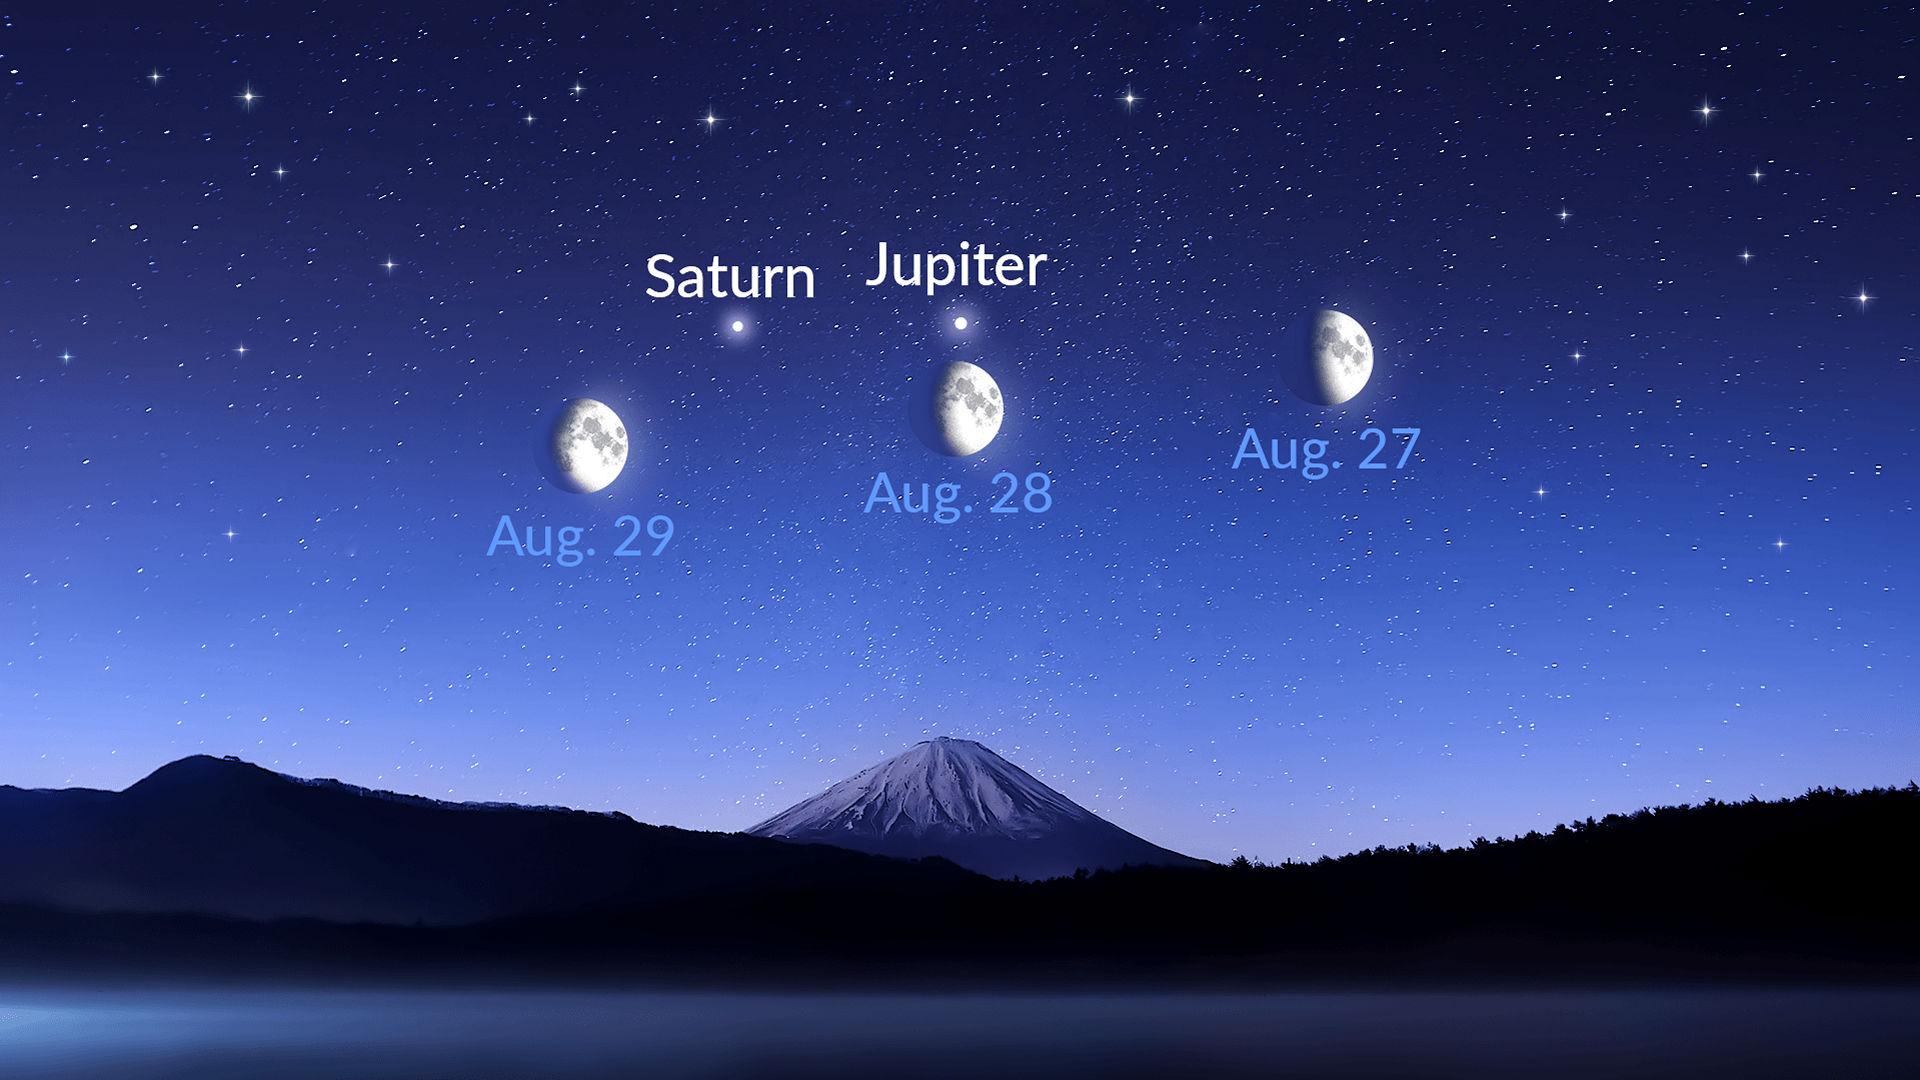 A Lua, Saturno e Júpiter encontram-se no céu da noite